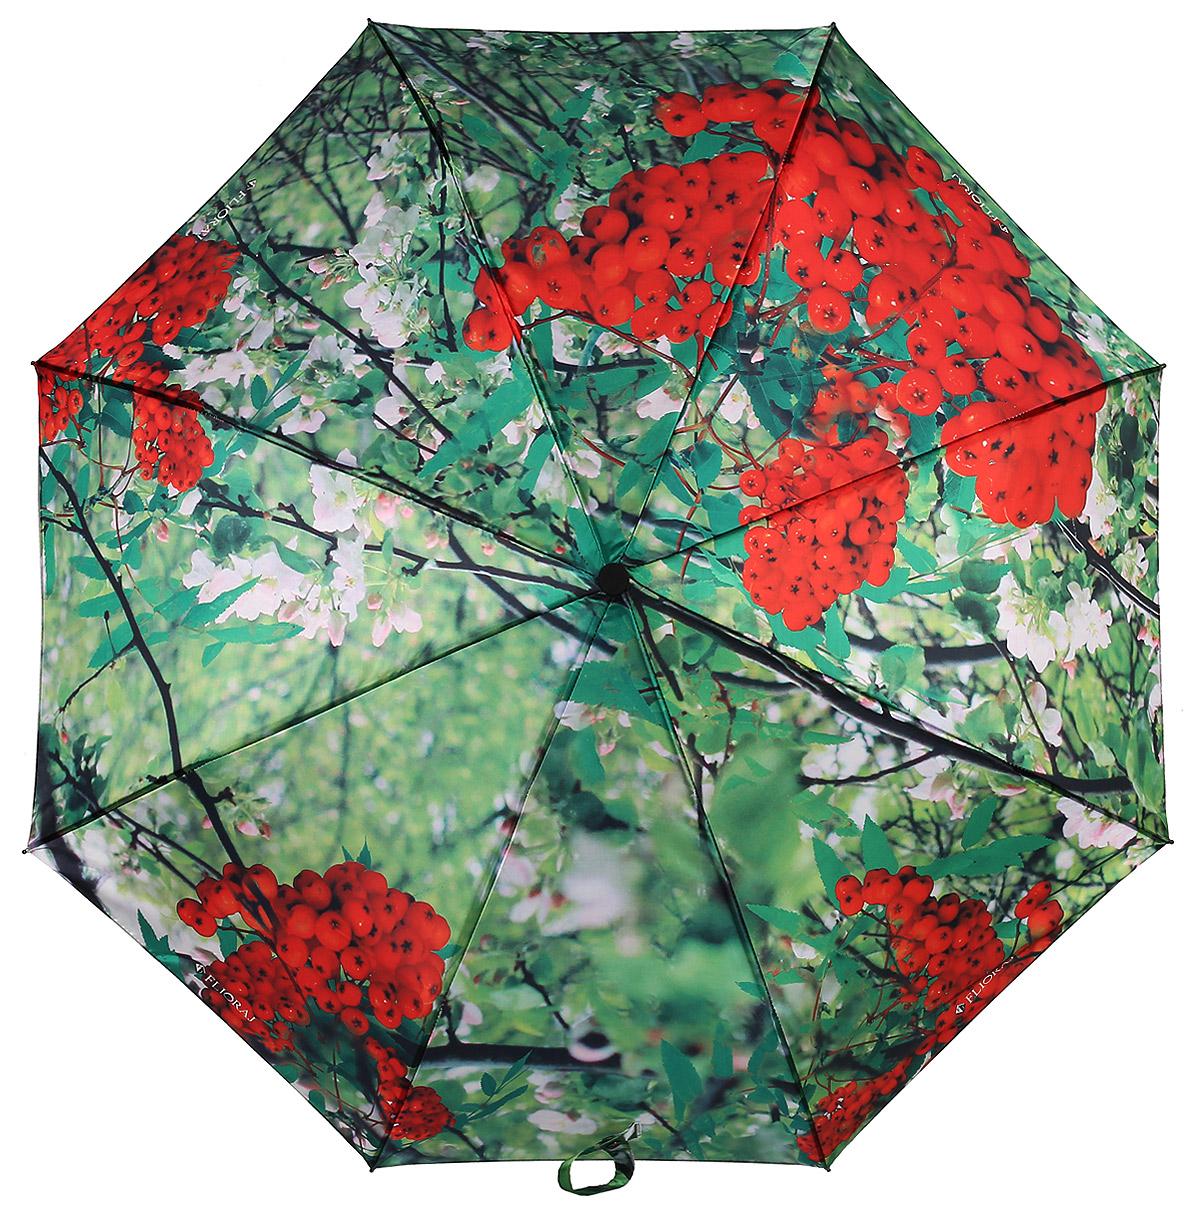 Зонт женский Flioraj, автомат, 3 сложения, цвет: зеленый, красный. 231213 FJ231213 FJЖенские зонты с нежным рисунком создадут весеннее настроение в любую непогоду! Уникальный каркас из анодированной стали, карбоновые спицы обеспечат надежную защиту даже при порывах ураганного ветра. Улучшенный механизм позволит быстро открыть, а потом сложить зонт.